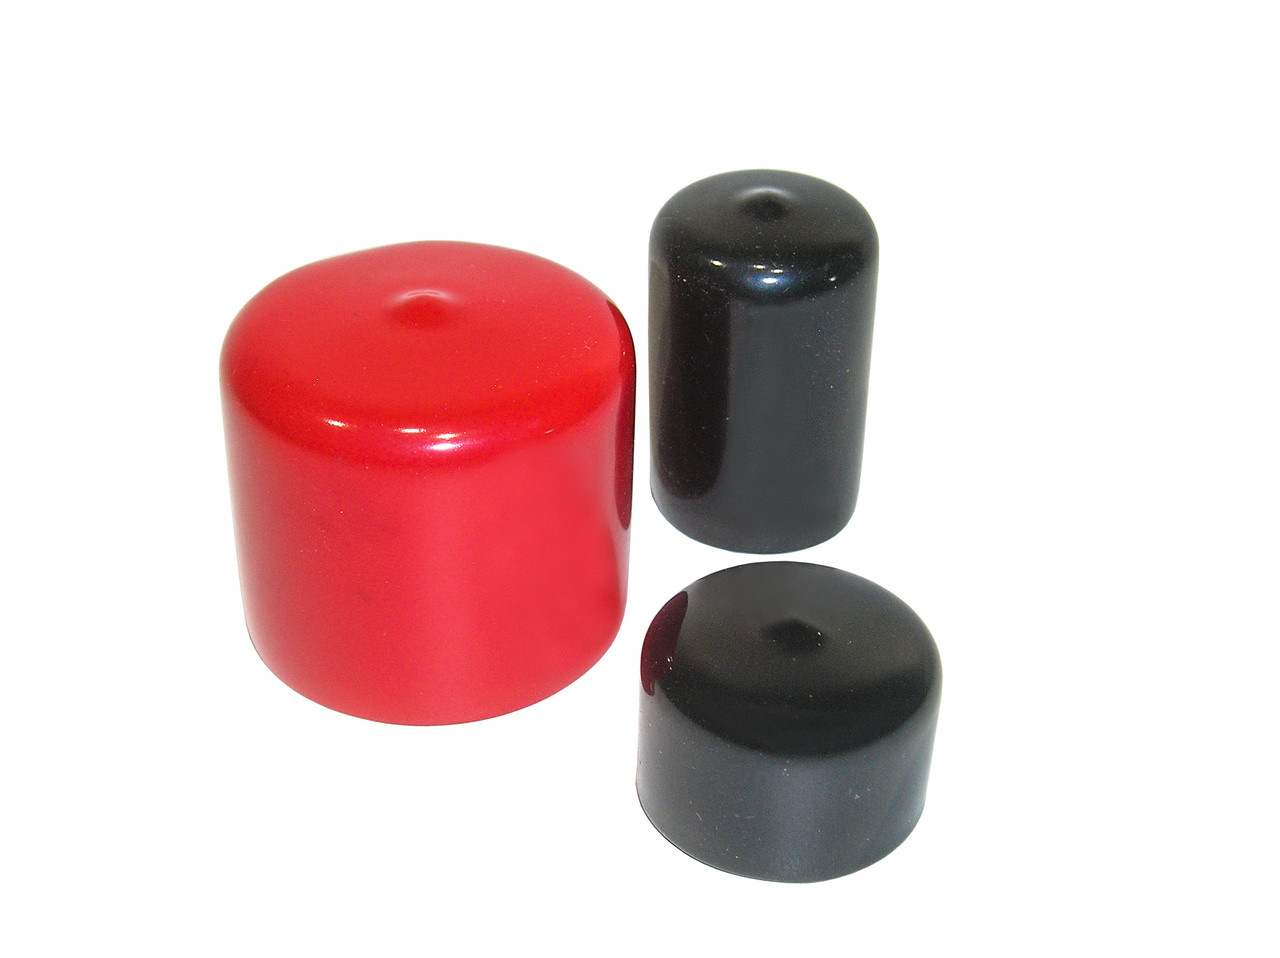 """1-1/8"""" x 1-1/2"""" Round Tuff Pak Cap - 200 in Red or Black"""